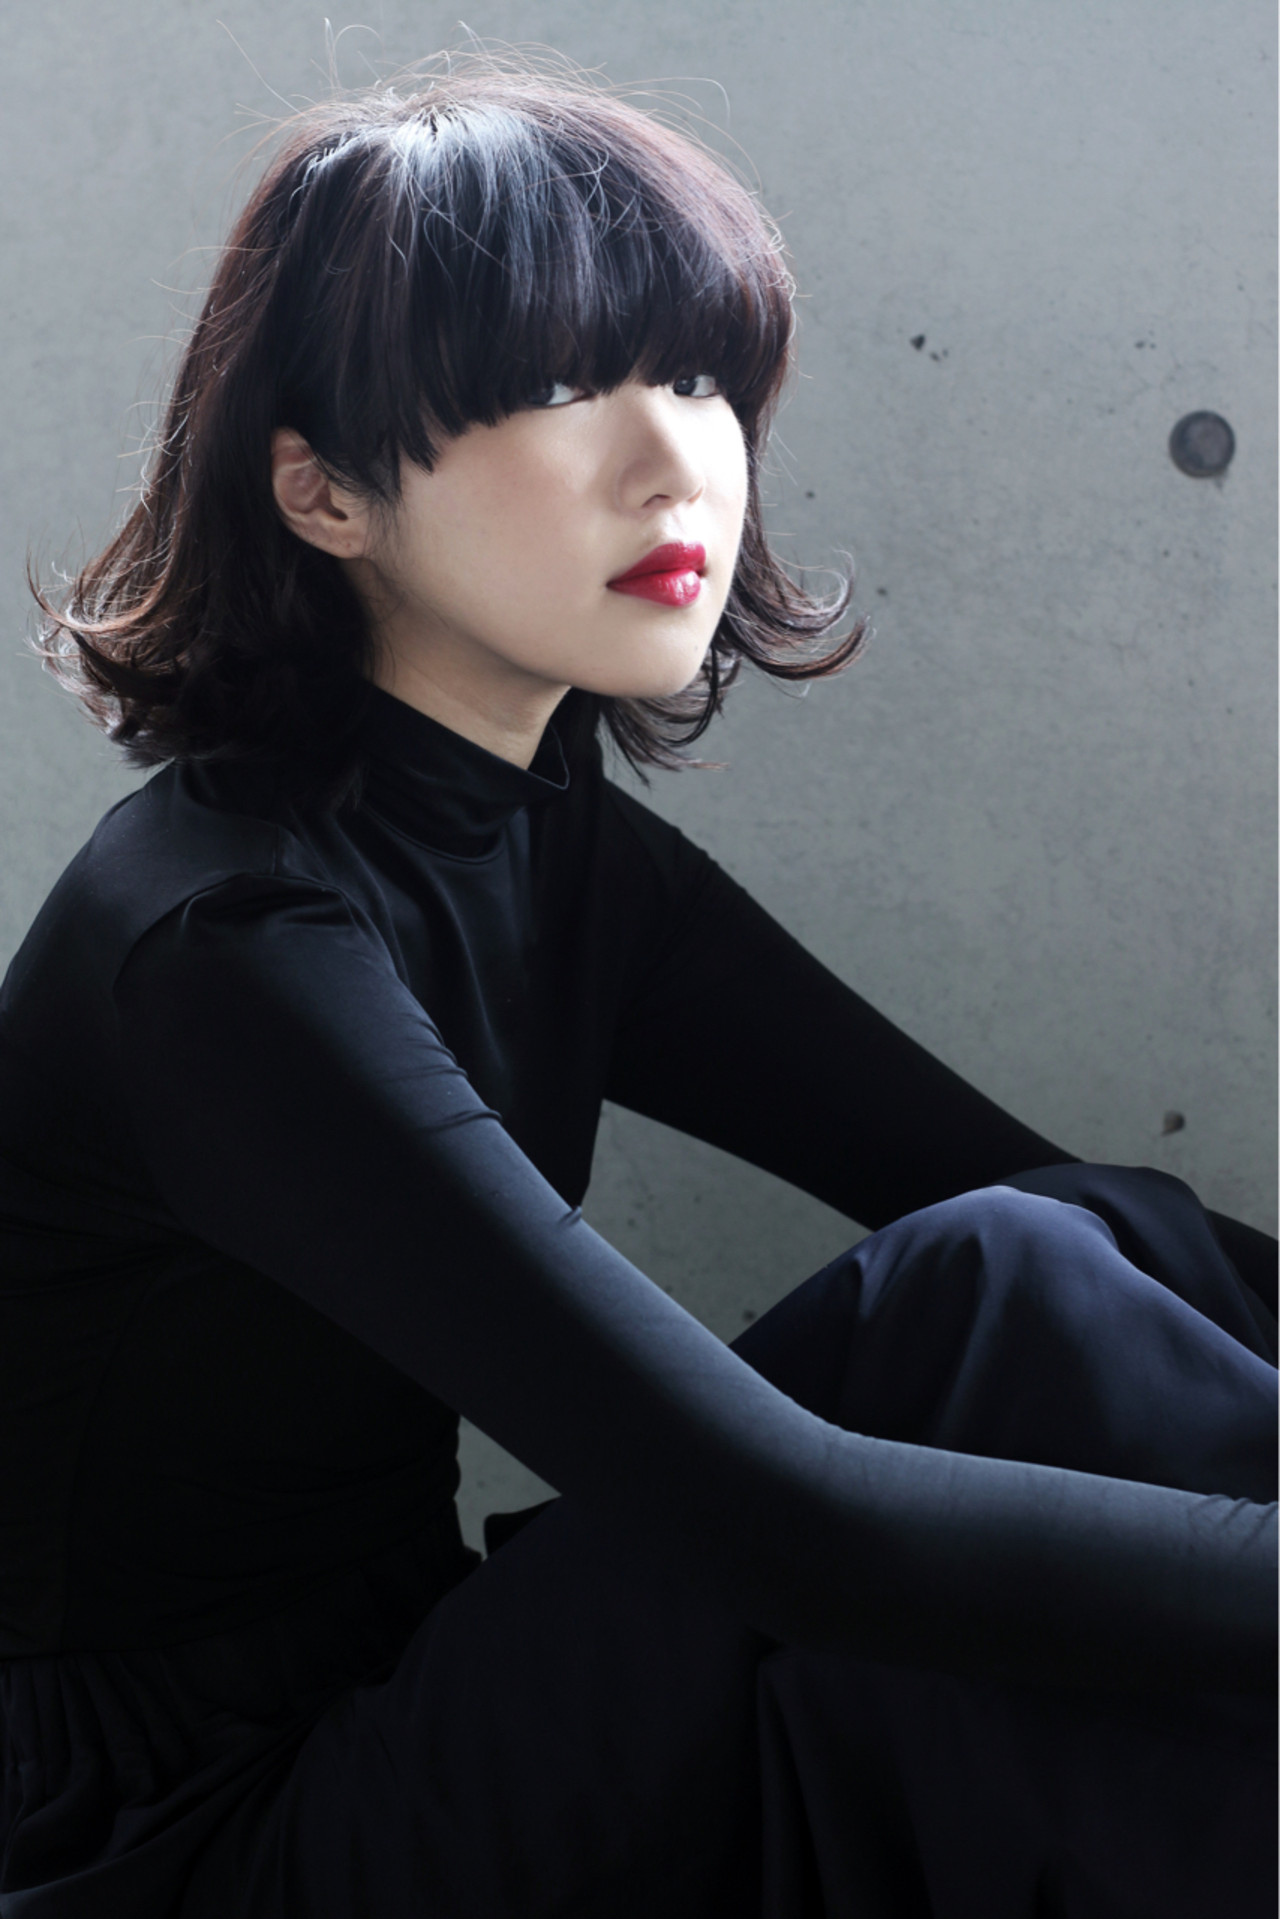 個性を求めて突き進め。「アンチモテヘアスタイル」でなりたい私に。 伊藤修久 / VILLA